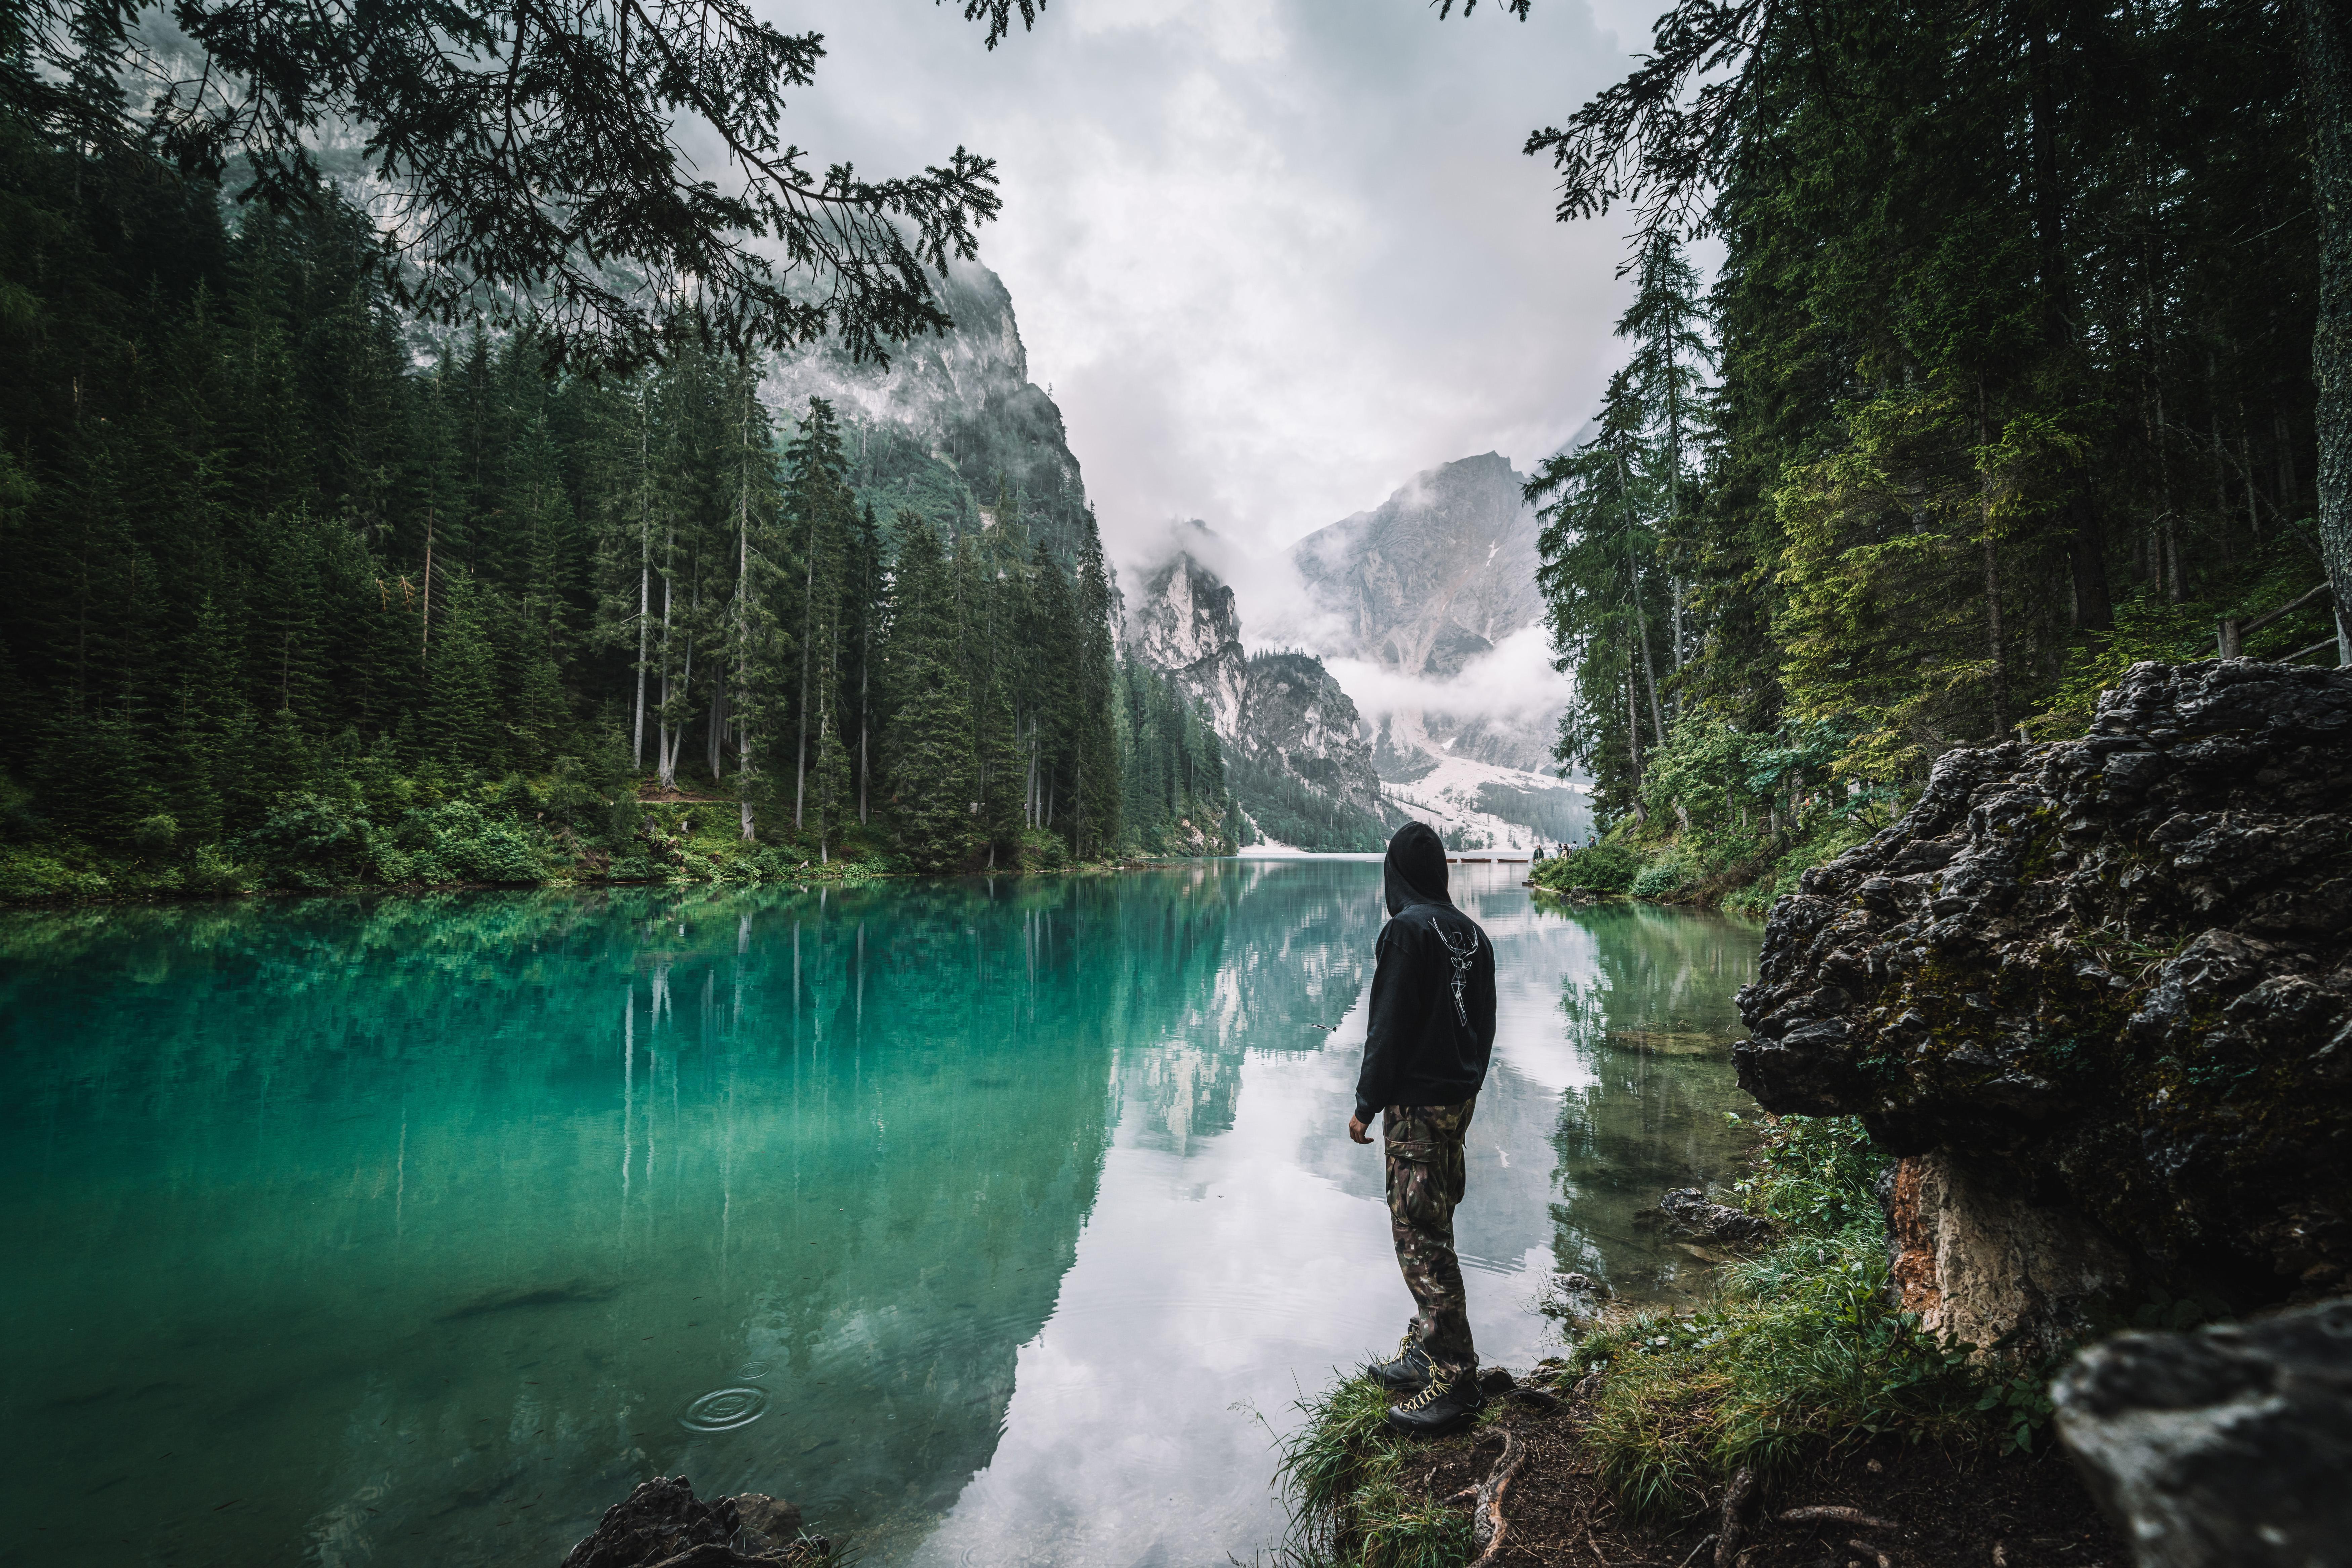 138069 Hintergrundbild 1024x600 kostenlos auf deinem Handy, lade Bilder Natur, Mountains, See, Verschiedenes, Sonstige, Mensch, Person, Einsamkeit 1024x600 auf dein Handy herunter